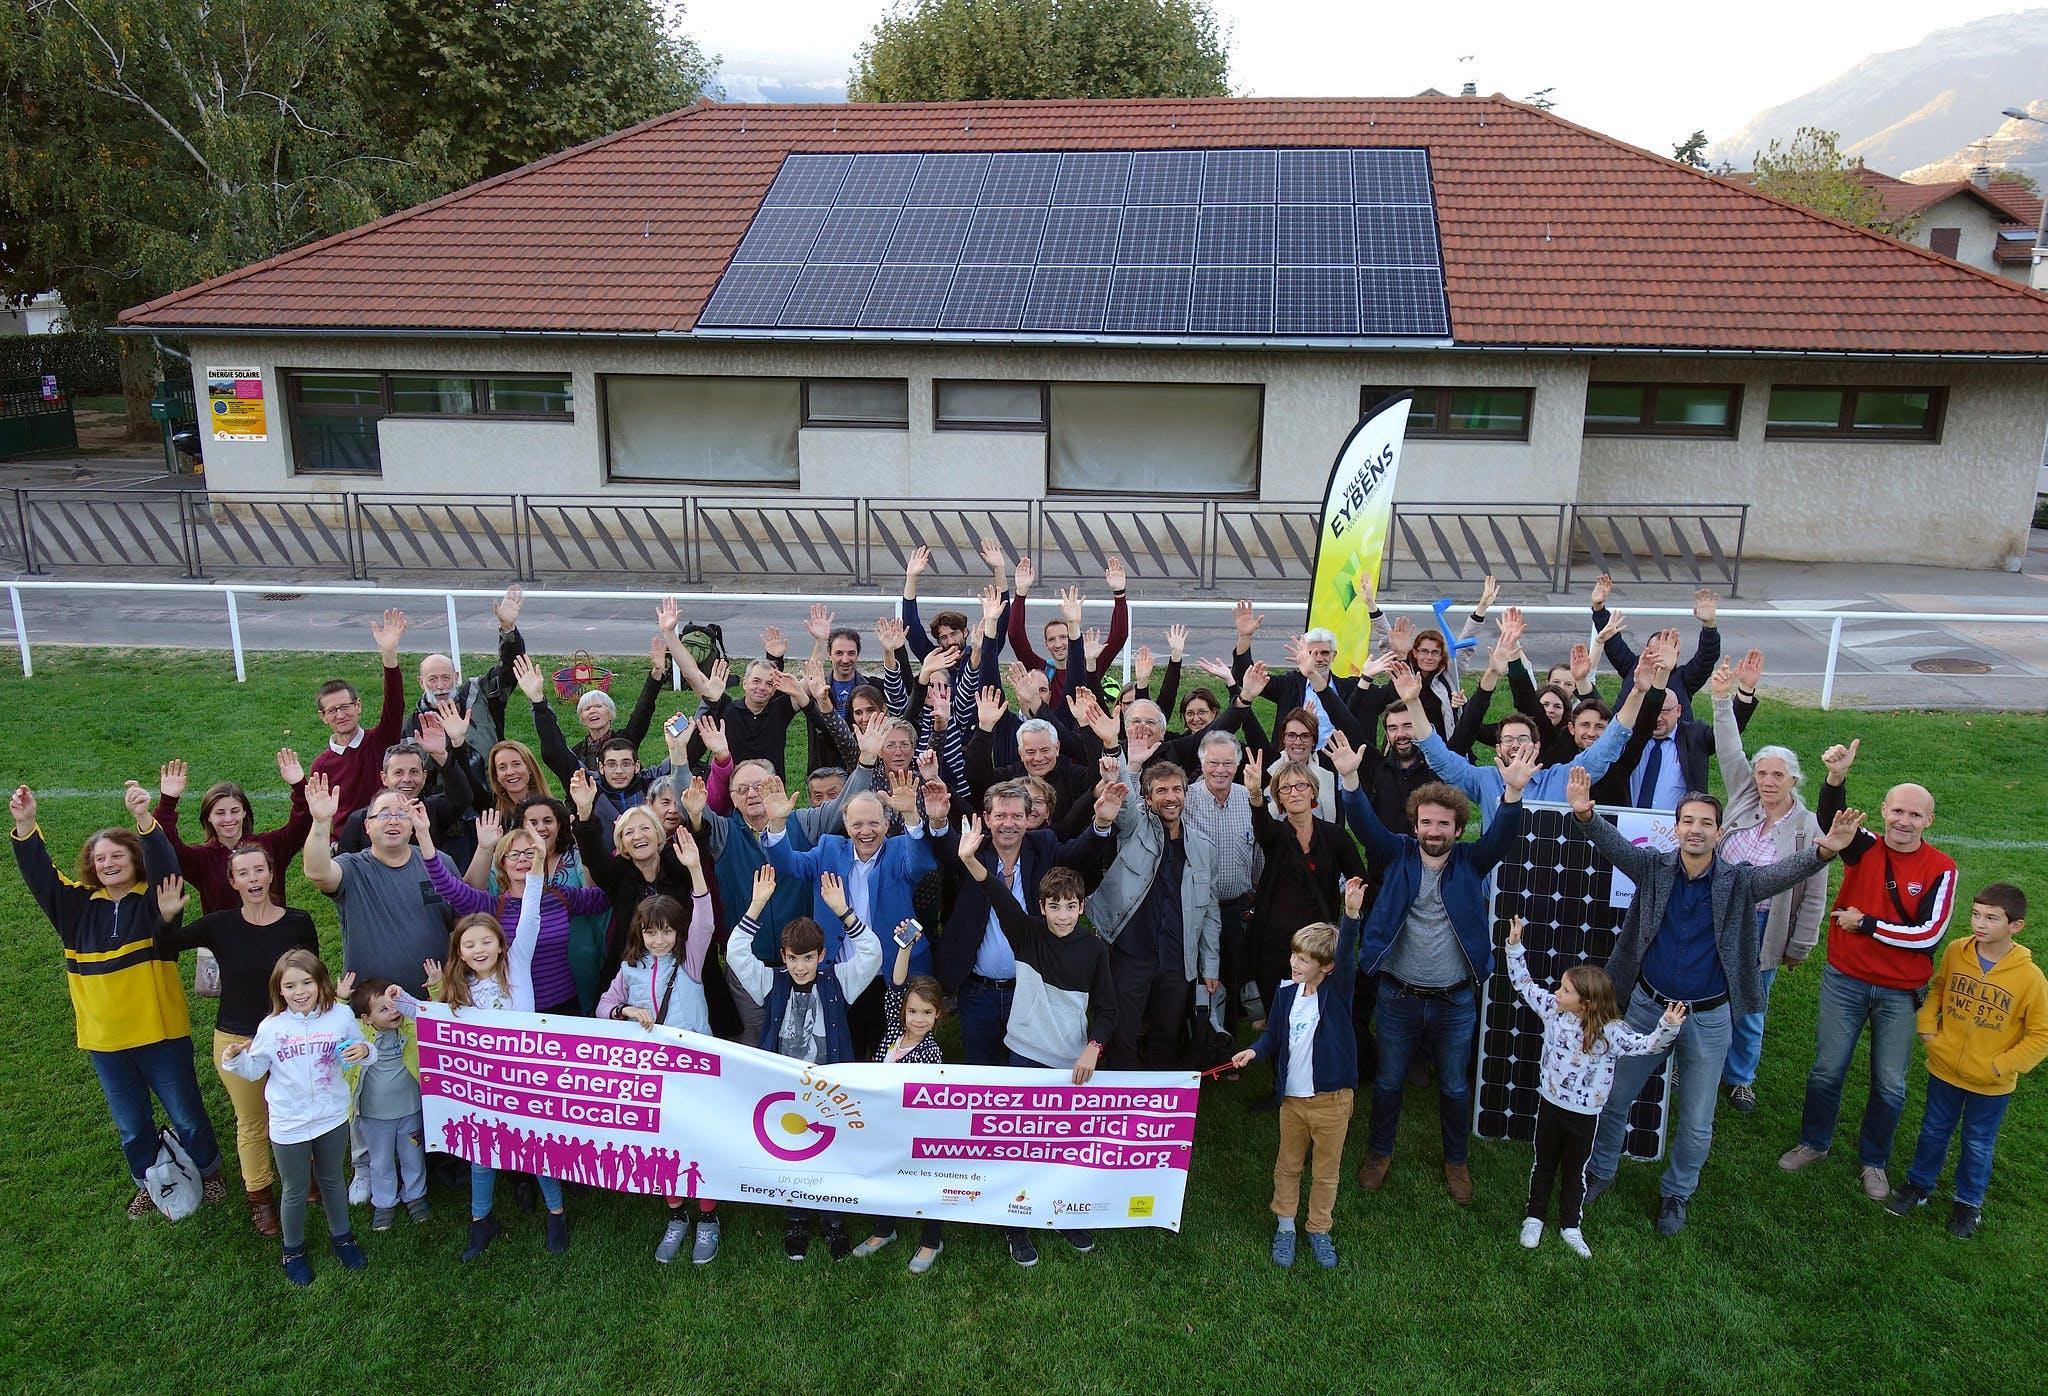 Collectif de citoyen devant un nouveau lieu de producteion d'énergie renouvelable